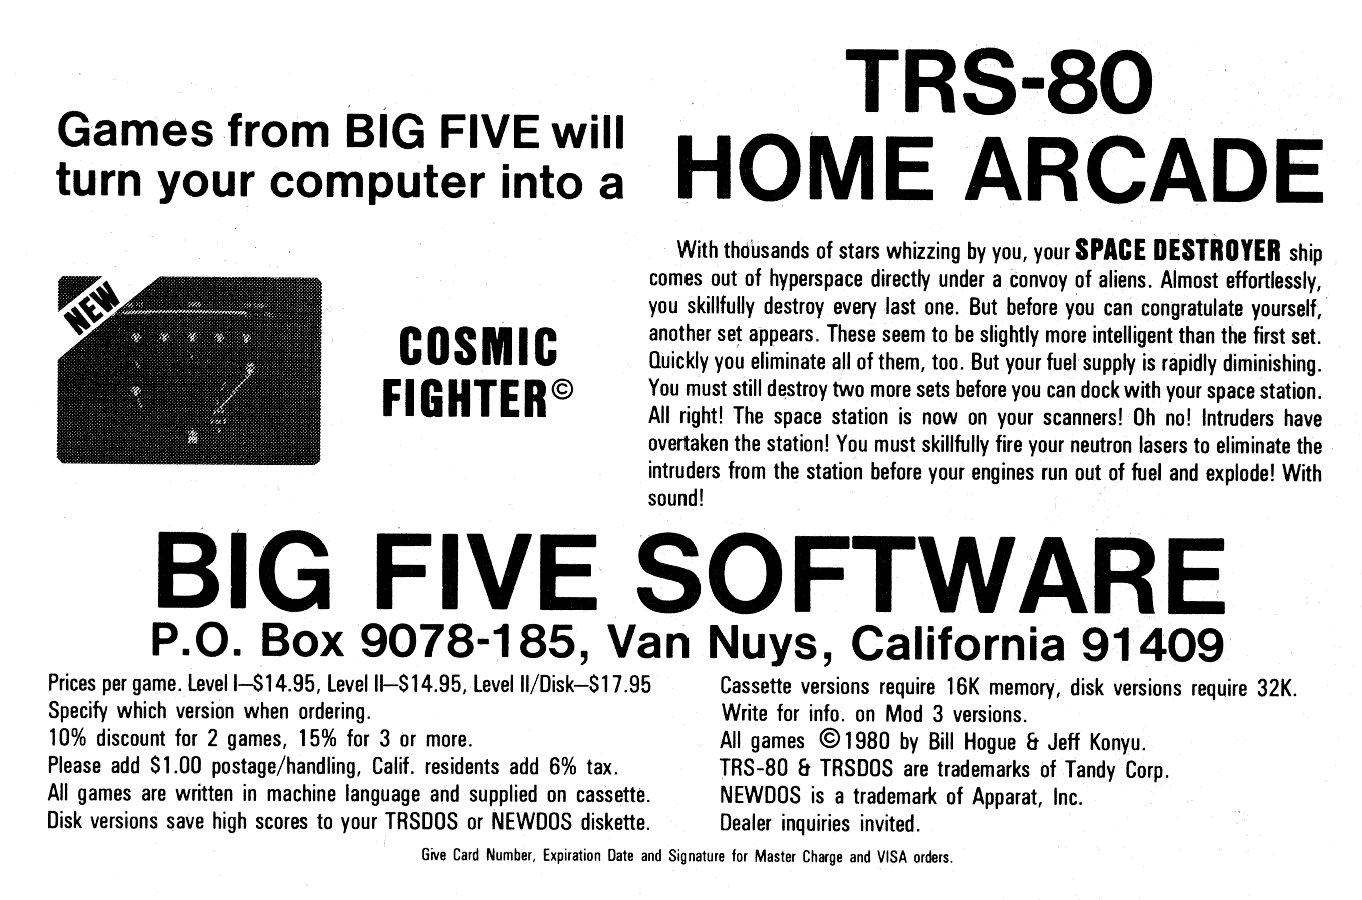 [oldnews-cosmicfighter(b5).jpg]